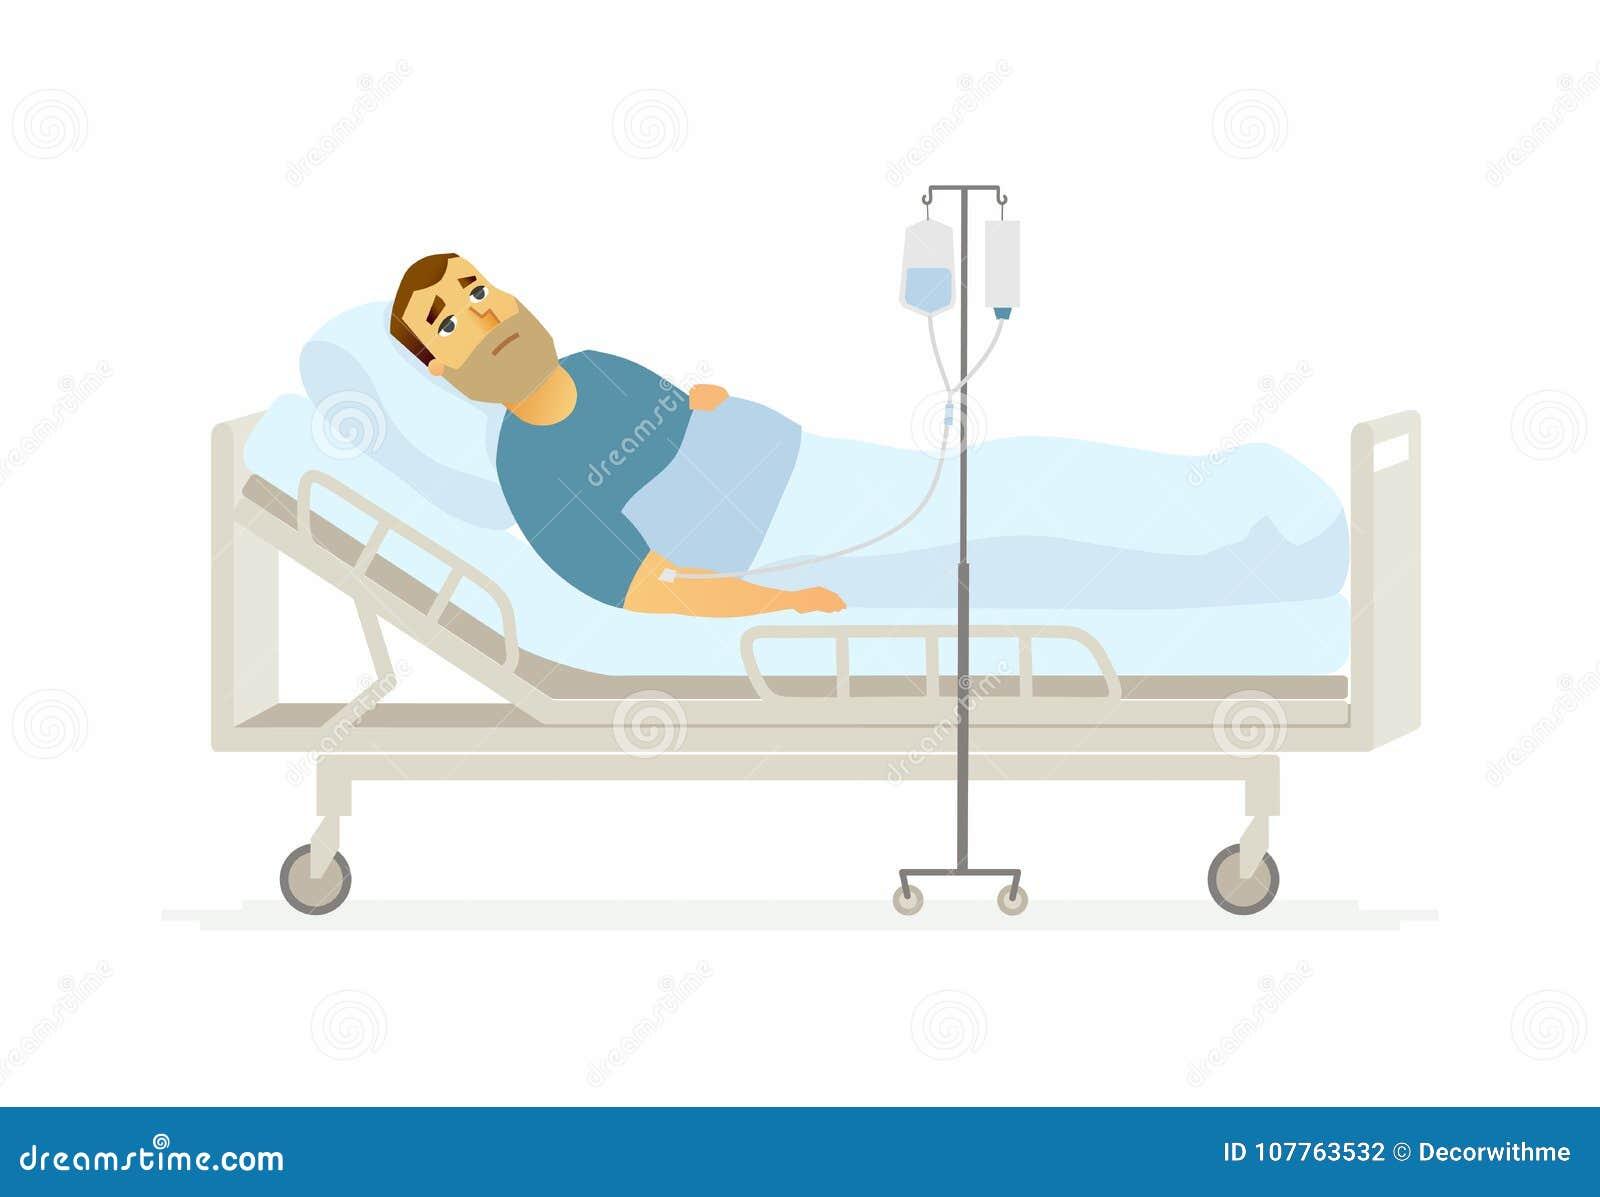 Homem no hospital em um gotejamento - ilustração dos caráteres dos povos dos desenhos animados